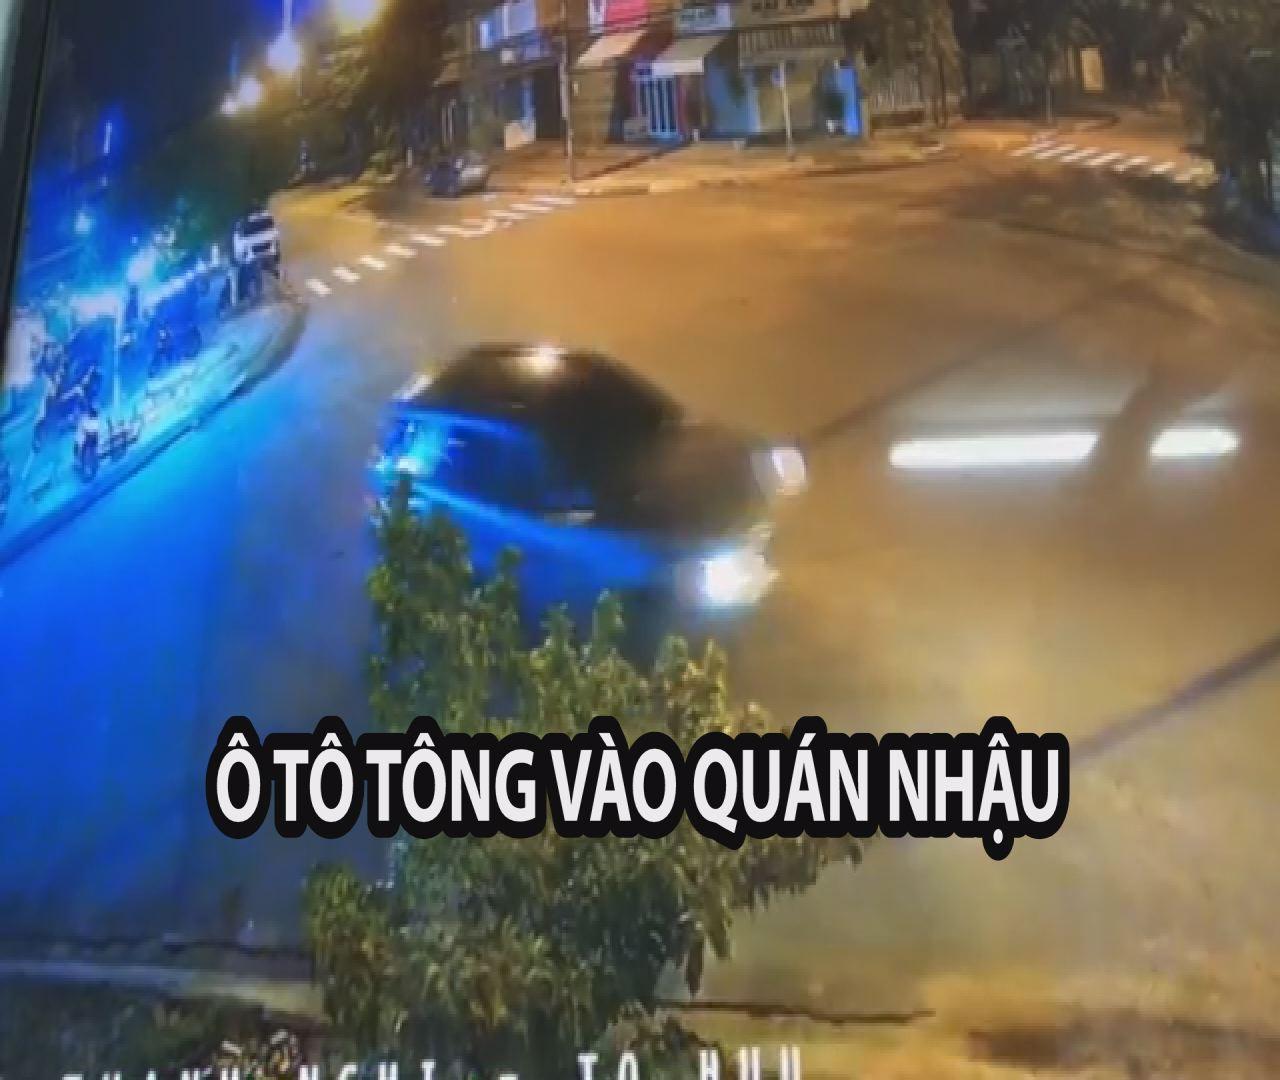 Ô tô 7 chỗ chạy vòng vòng ngã tư rồi tông vào quán nhậu, nhiều người tháo chạy